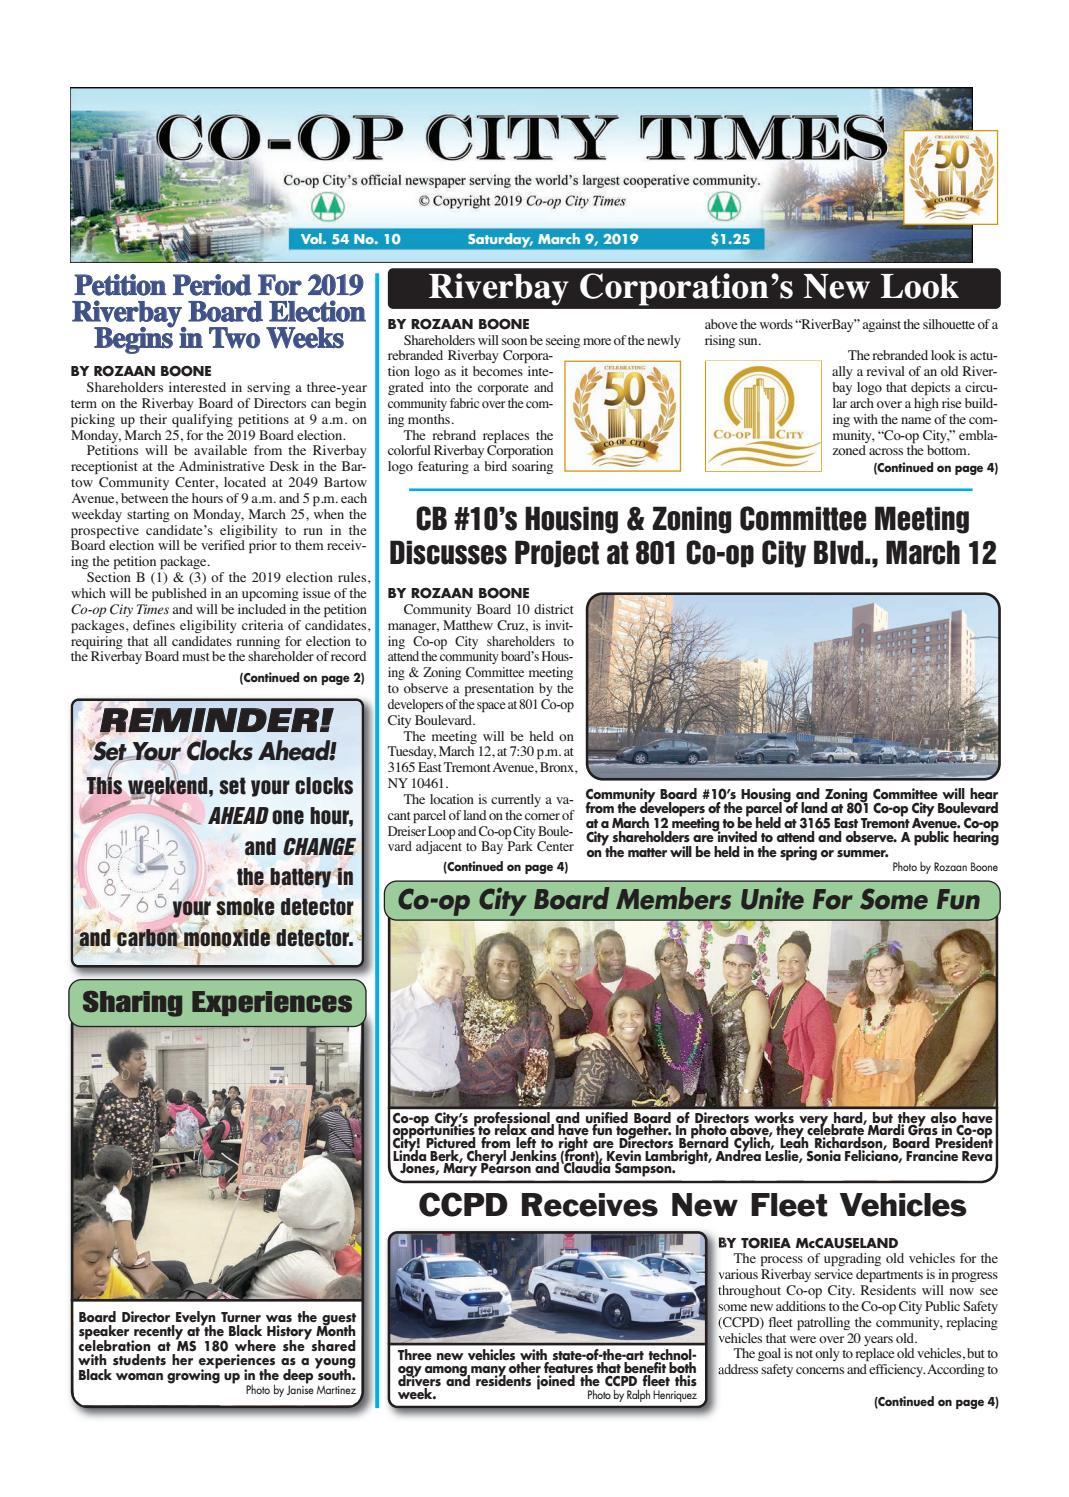 foto de Co-op City Times 3/9/19 by Co-op City Times - issuu